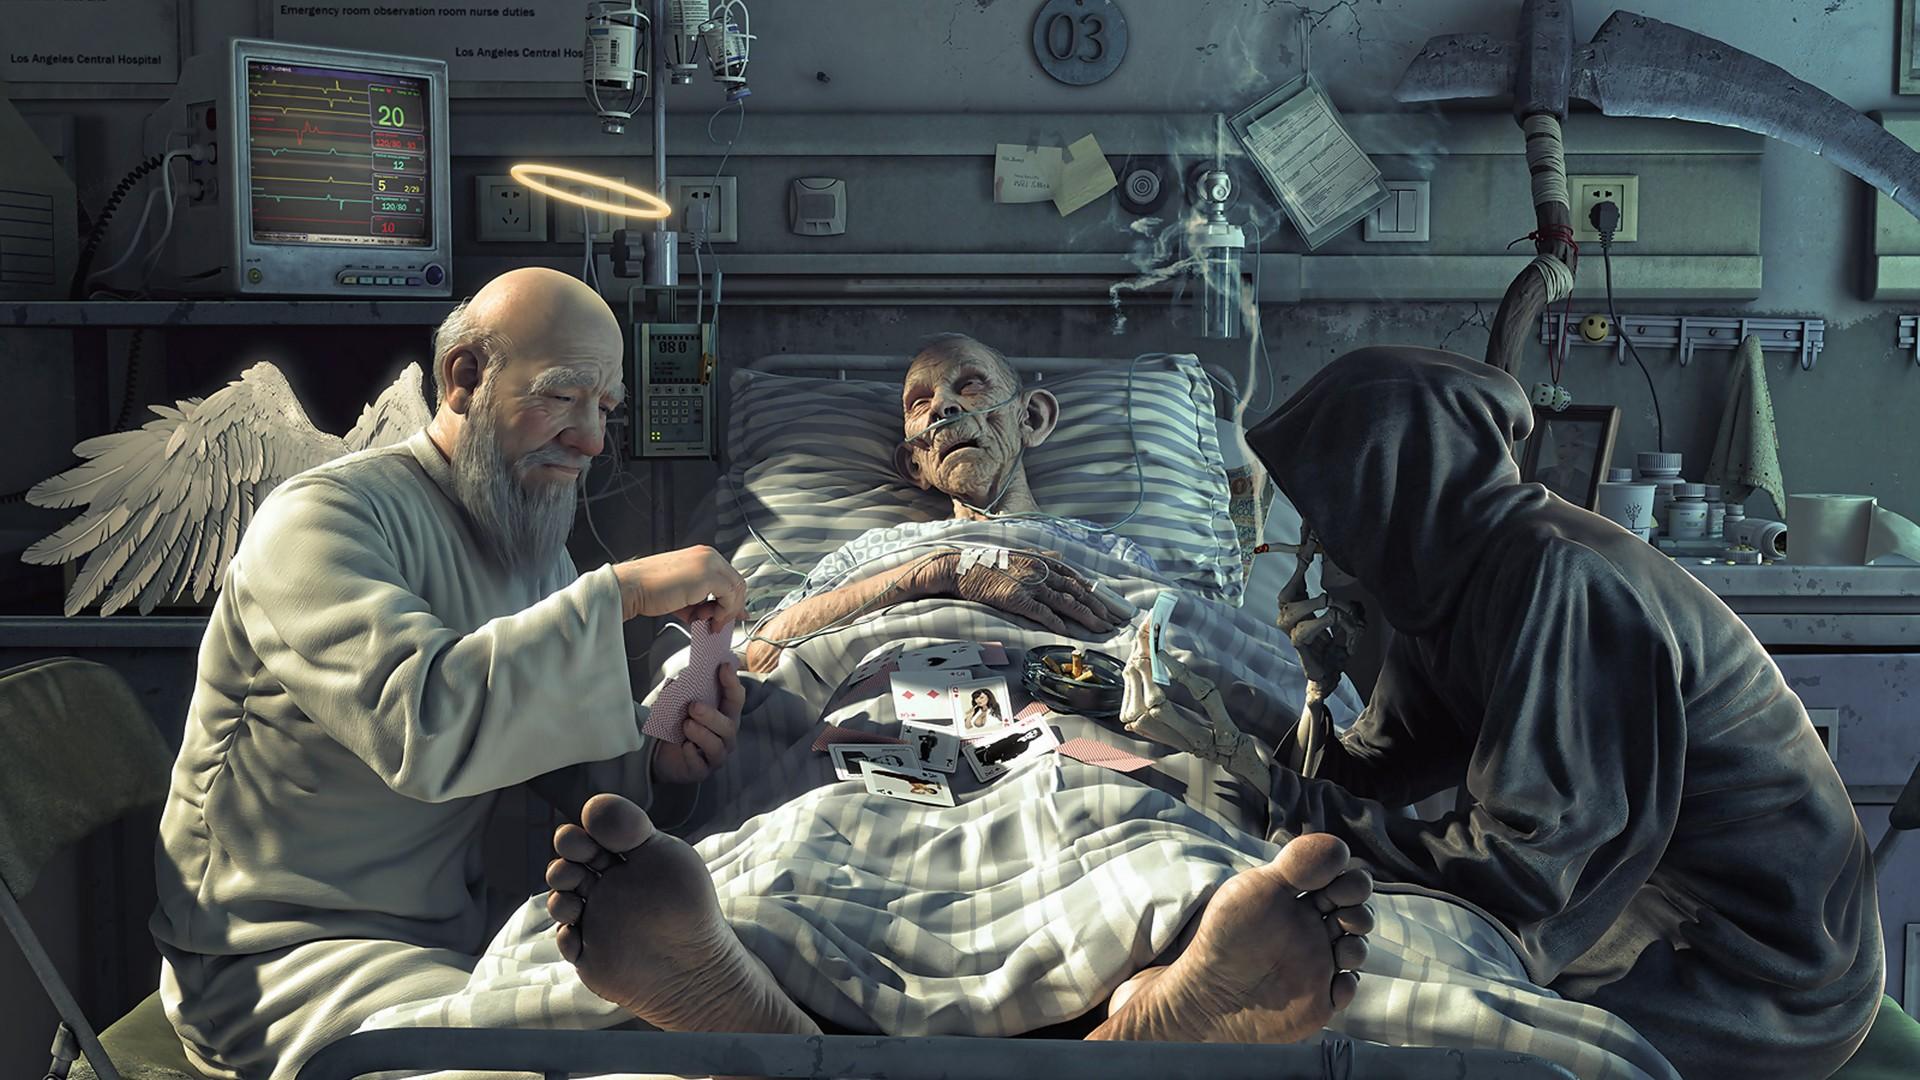 Смерть играет в карты с ангелом карты играть 2 масти